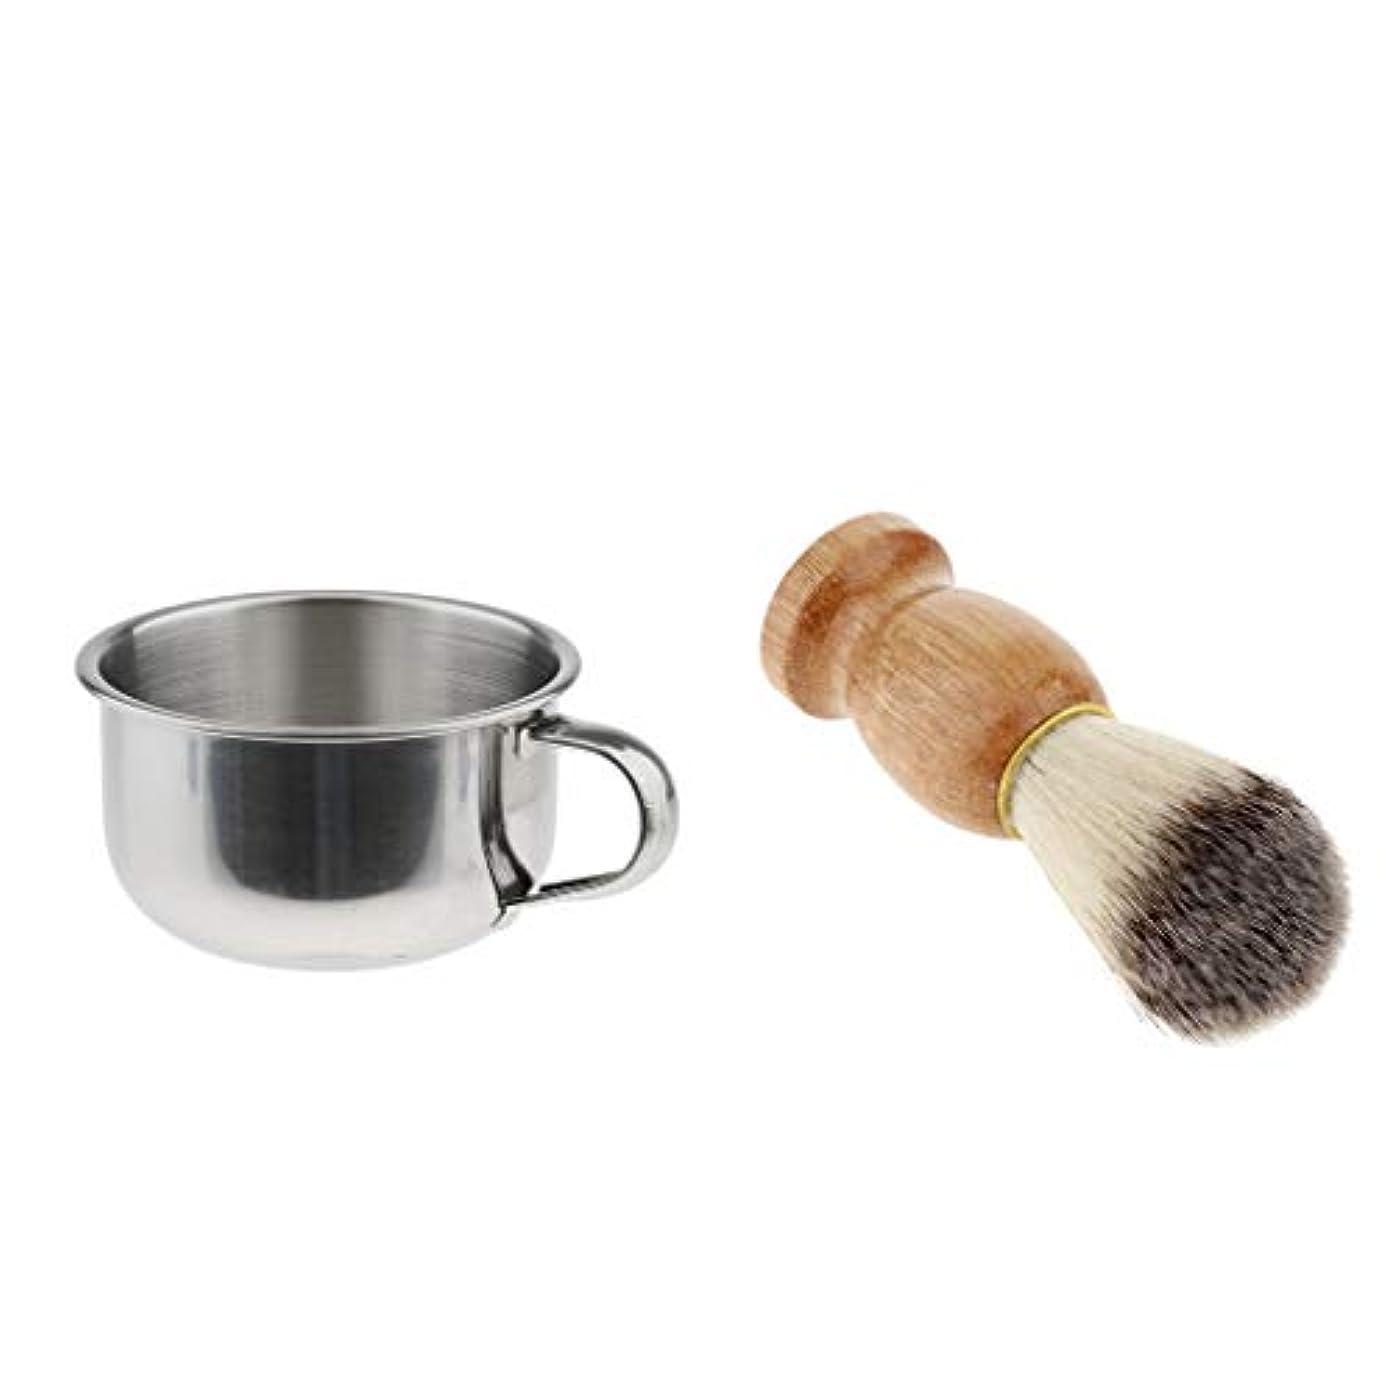 木製裏切り者趣味dailymall メンズシェービングブラシ+マグボウルセット、美容院の理髪ひげ石鹸カップ、パーソナルケア